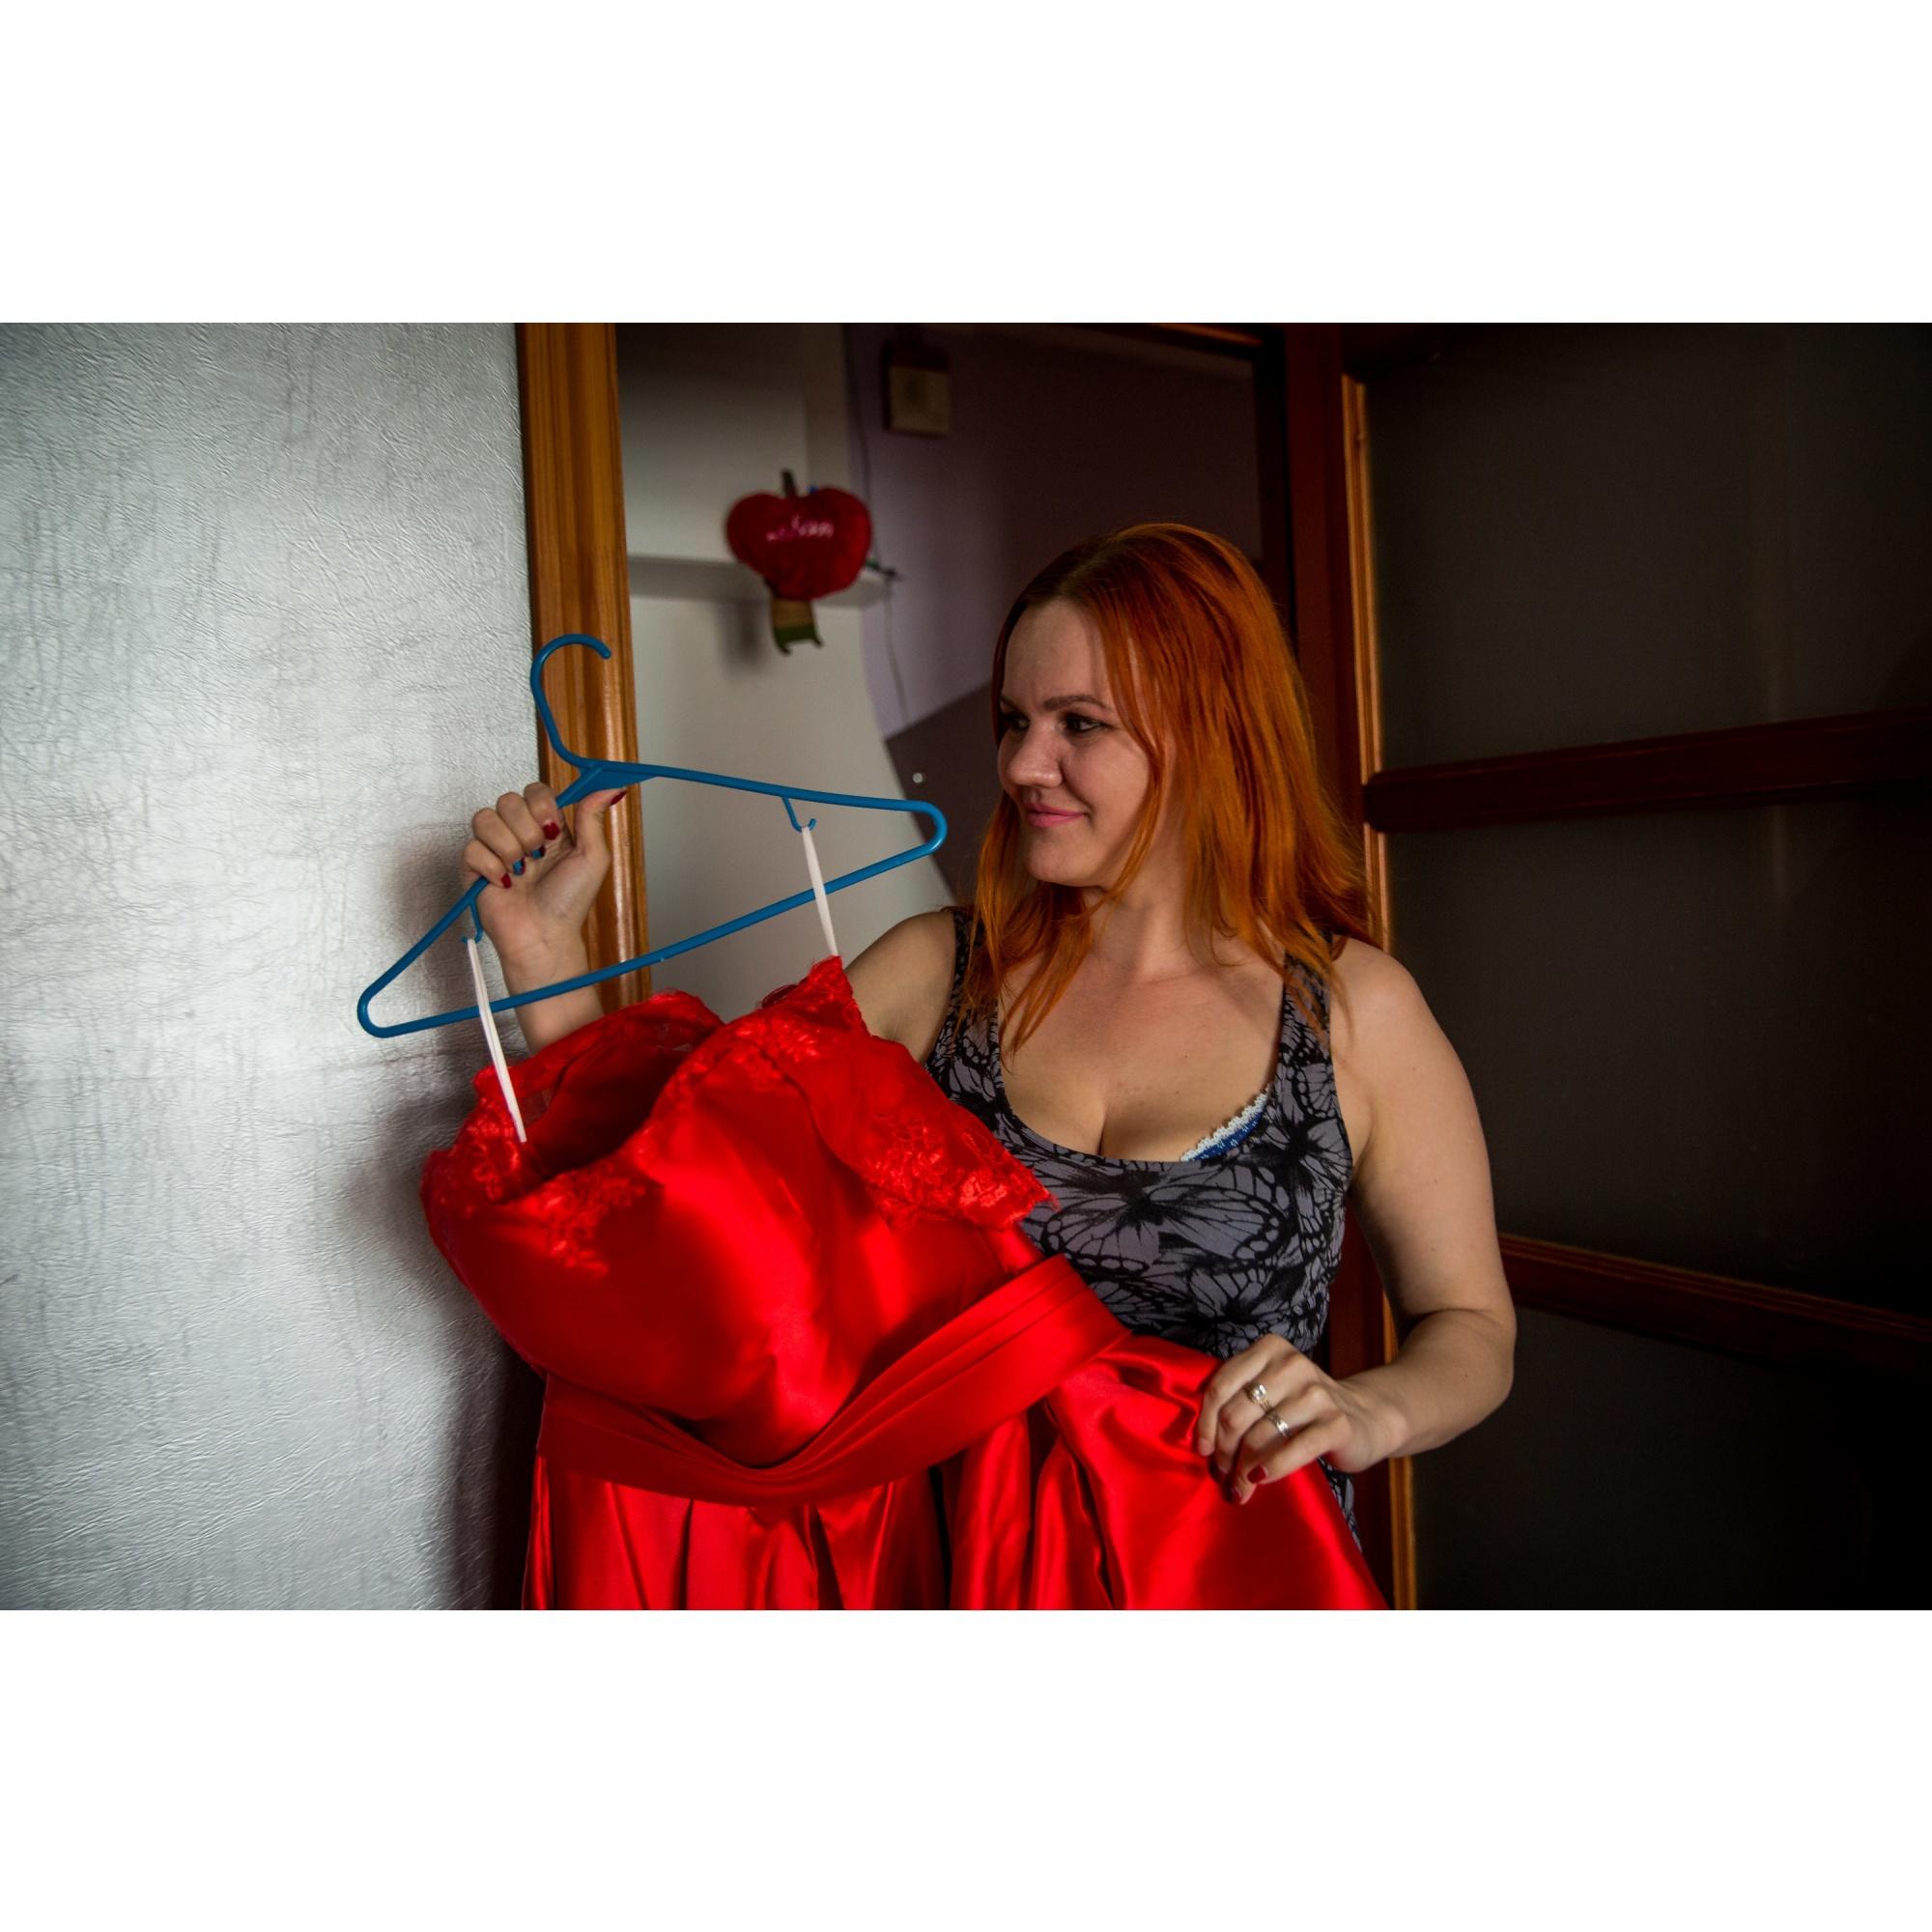 Скоро, 31 мая, пара поженится — для свадьбы Анастасия выбрала платье необычного красного цвета